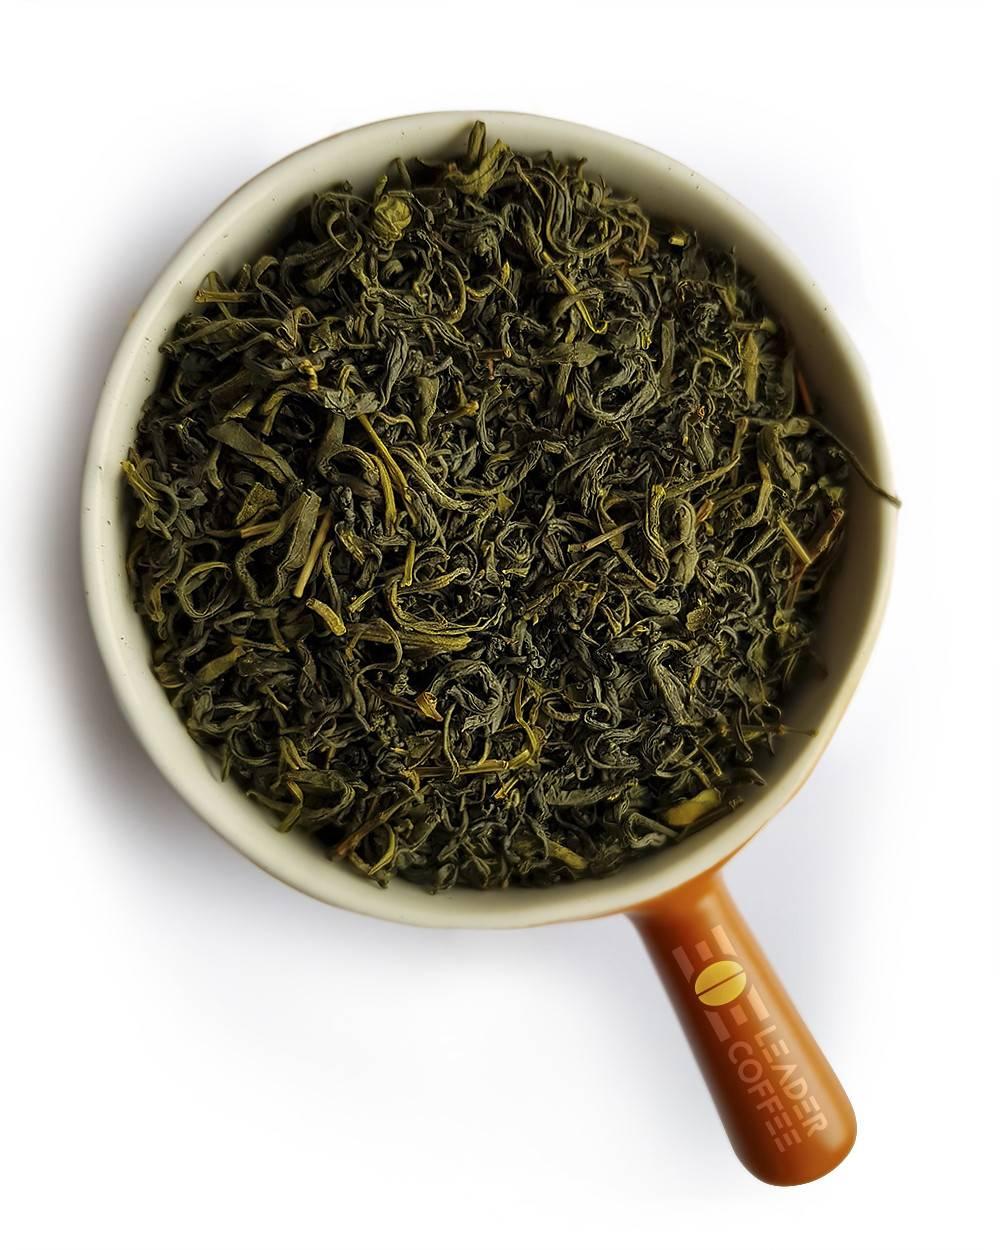 Чай мао фэн: заваривание, польза и вред, отзывы